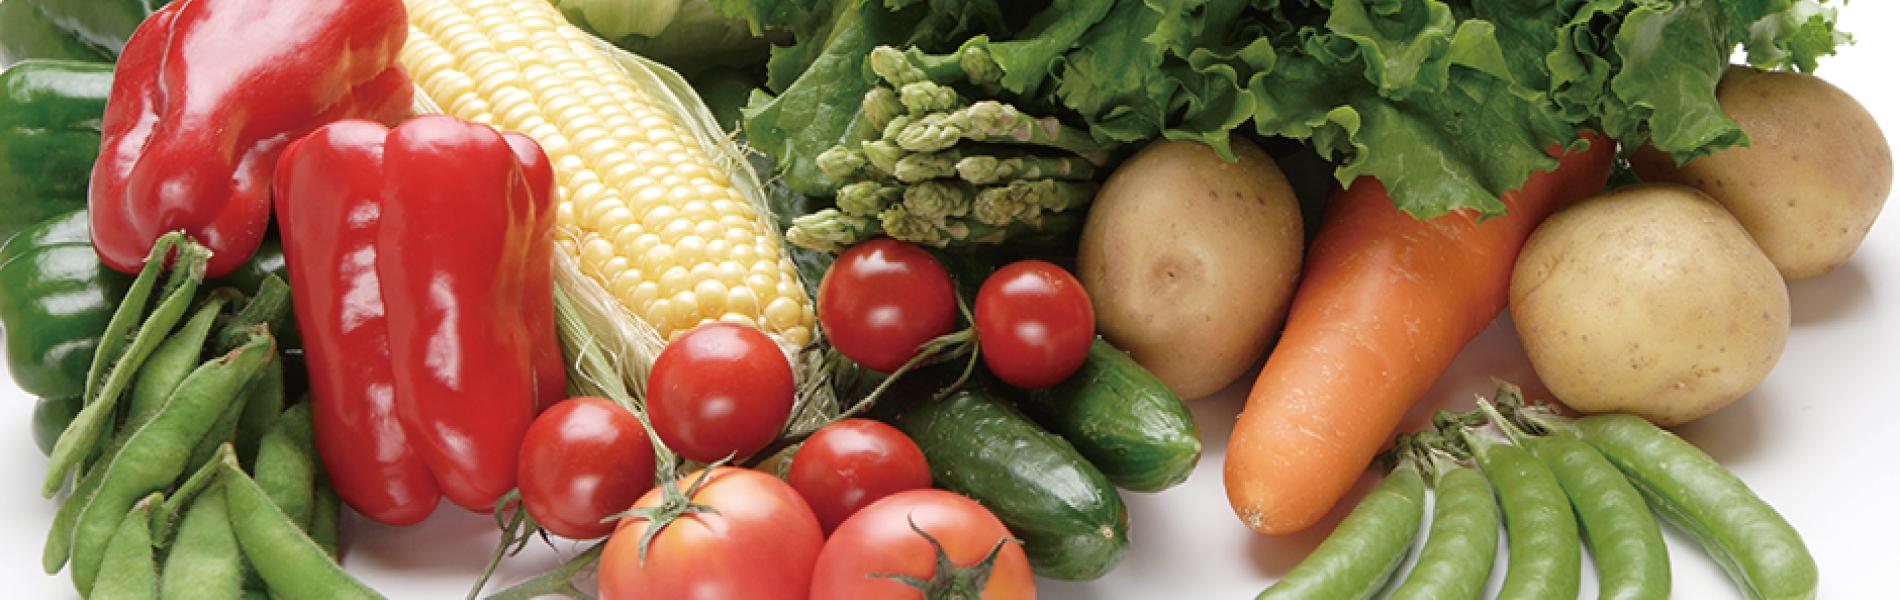 農産物の生産、販売